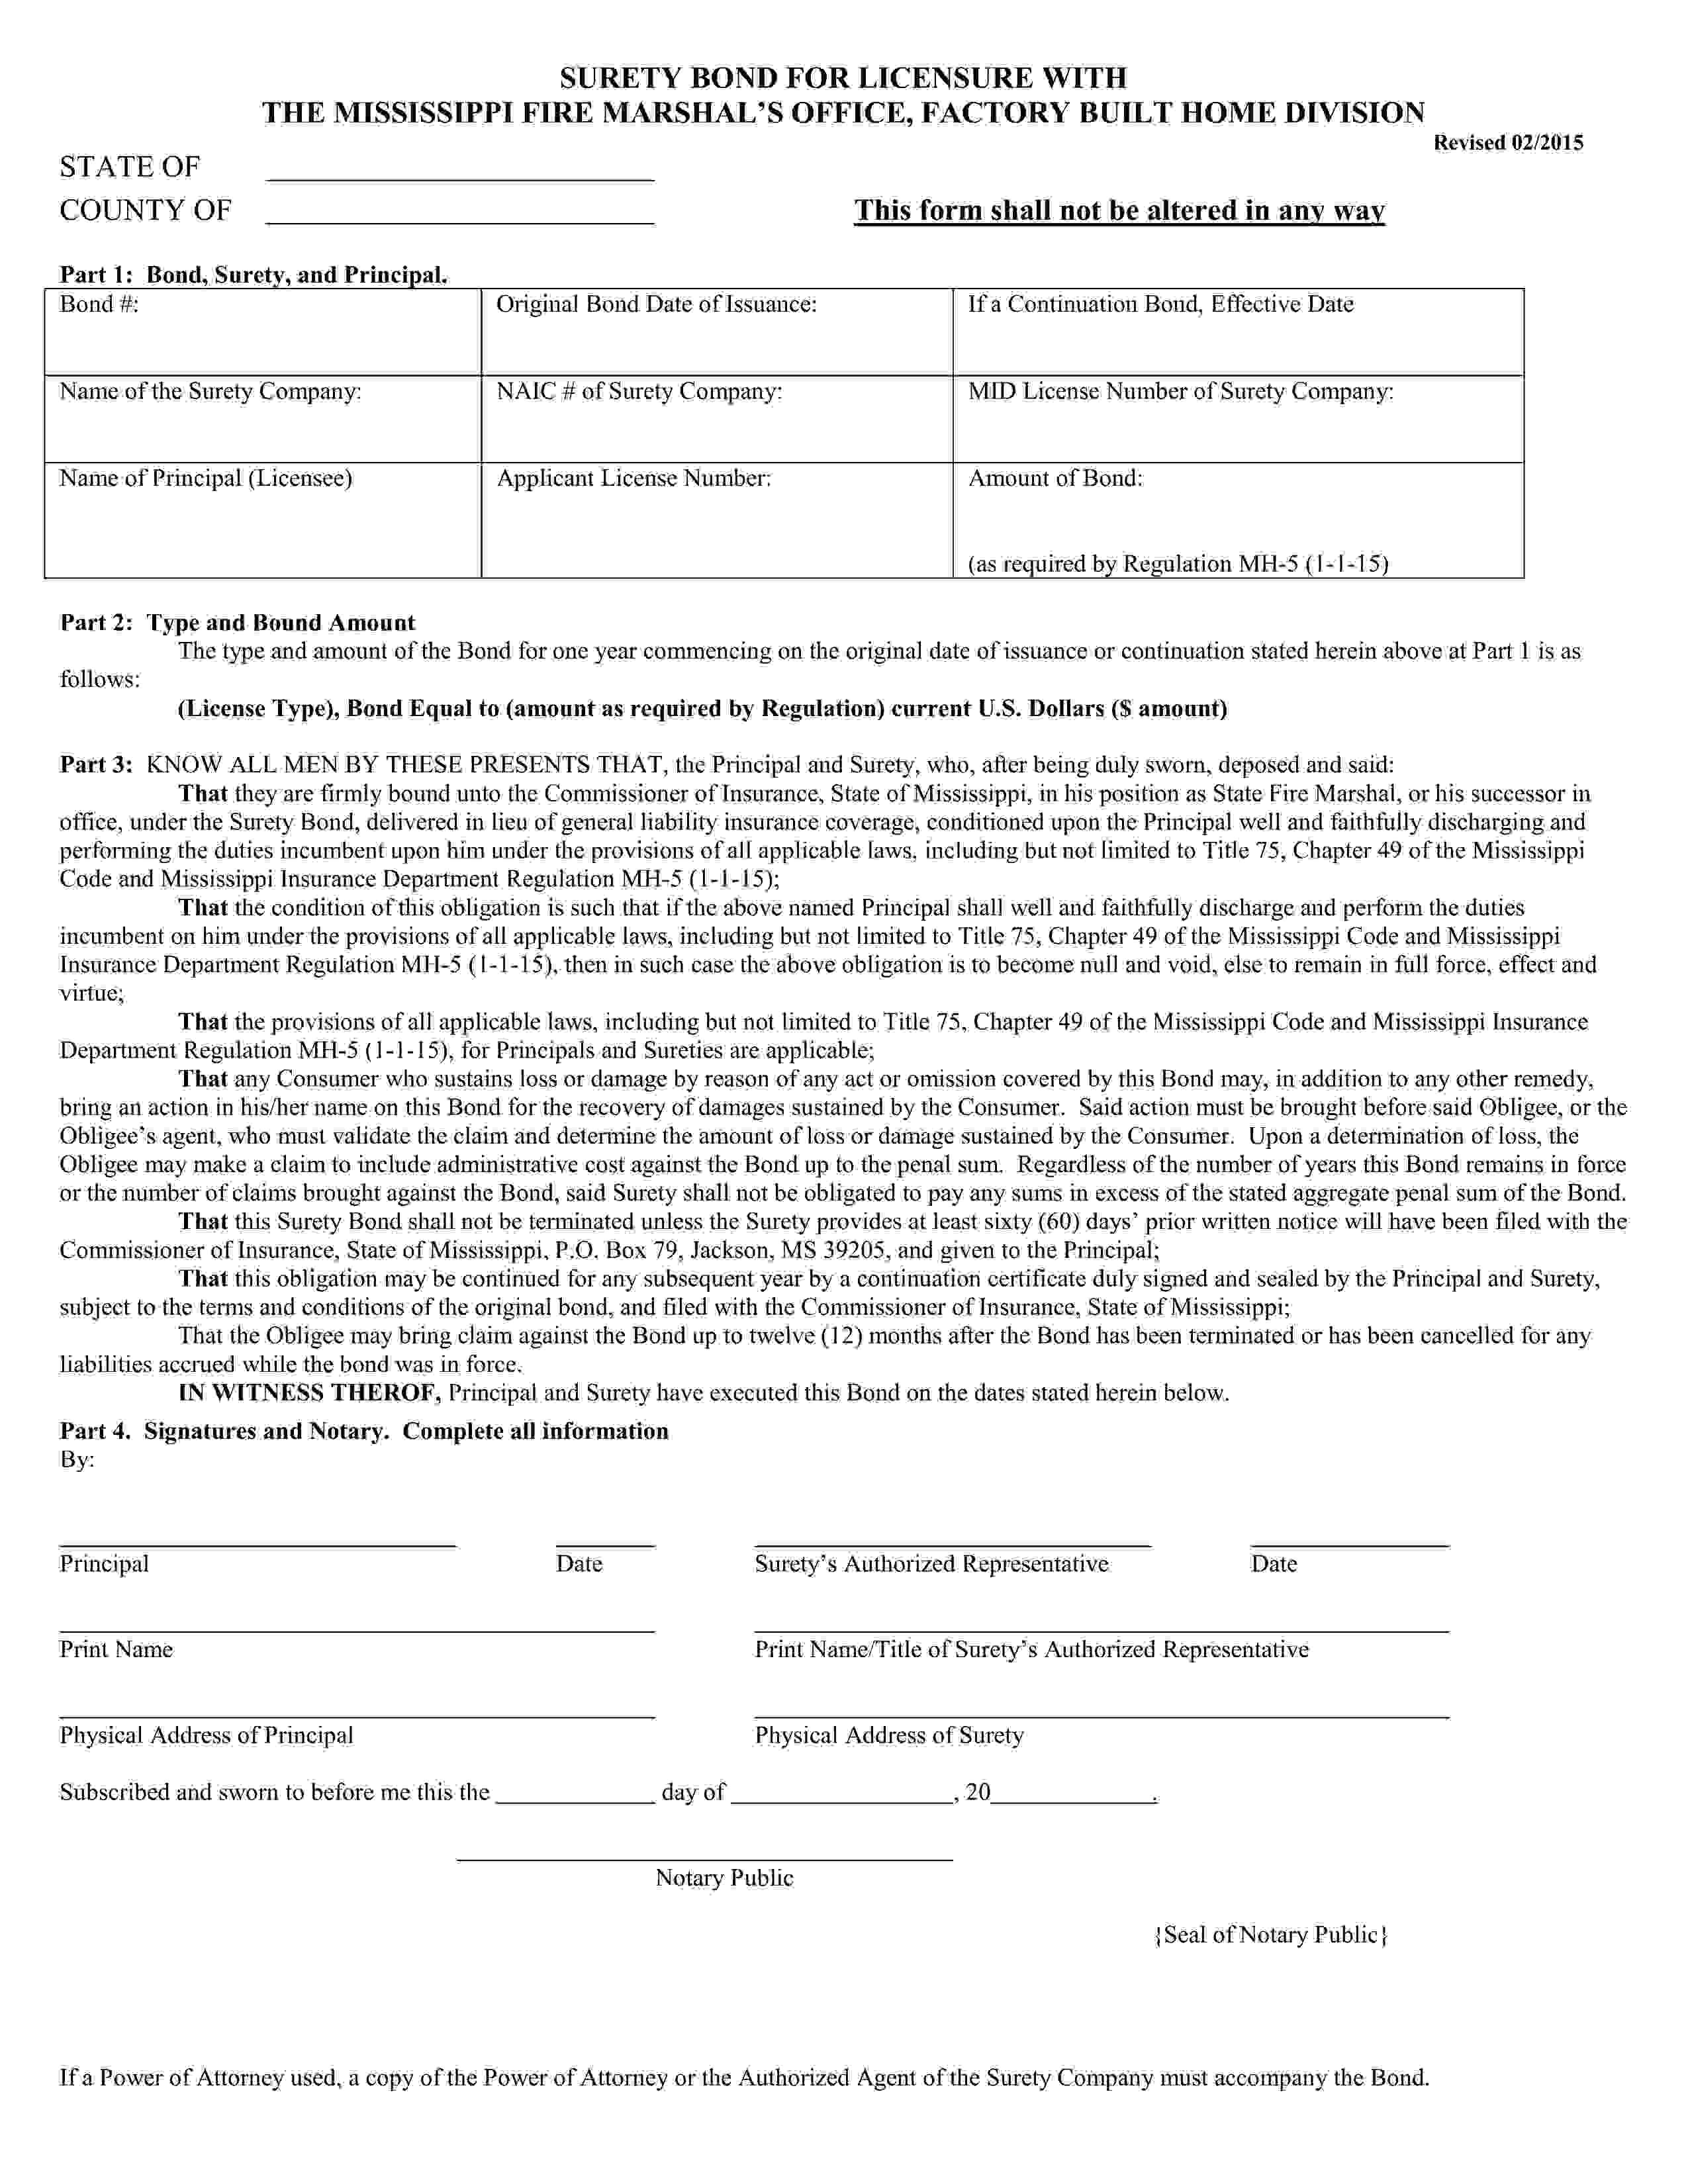 State of Mississippi Manufactured Home Developer Bond sample image